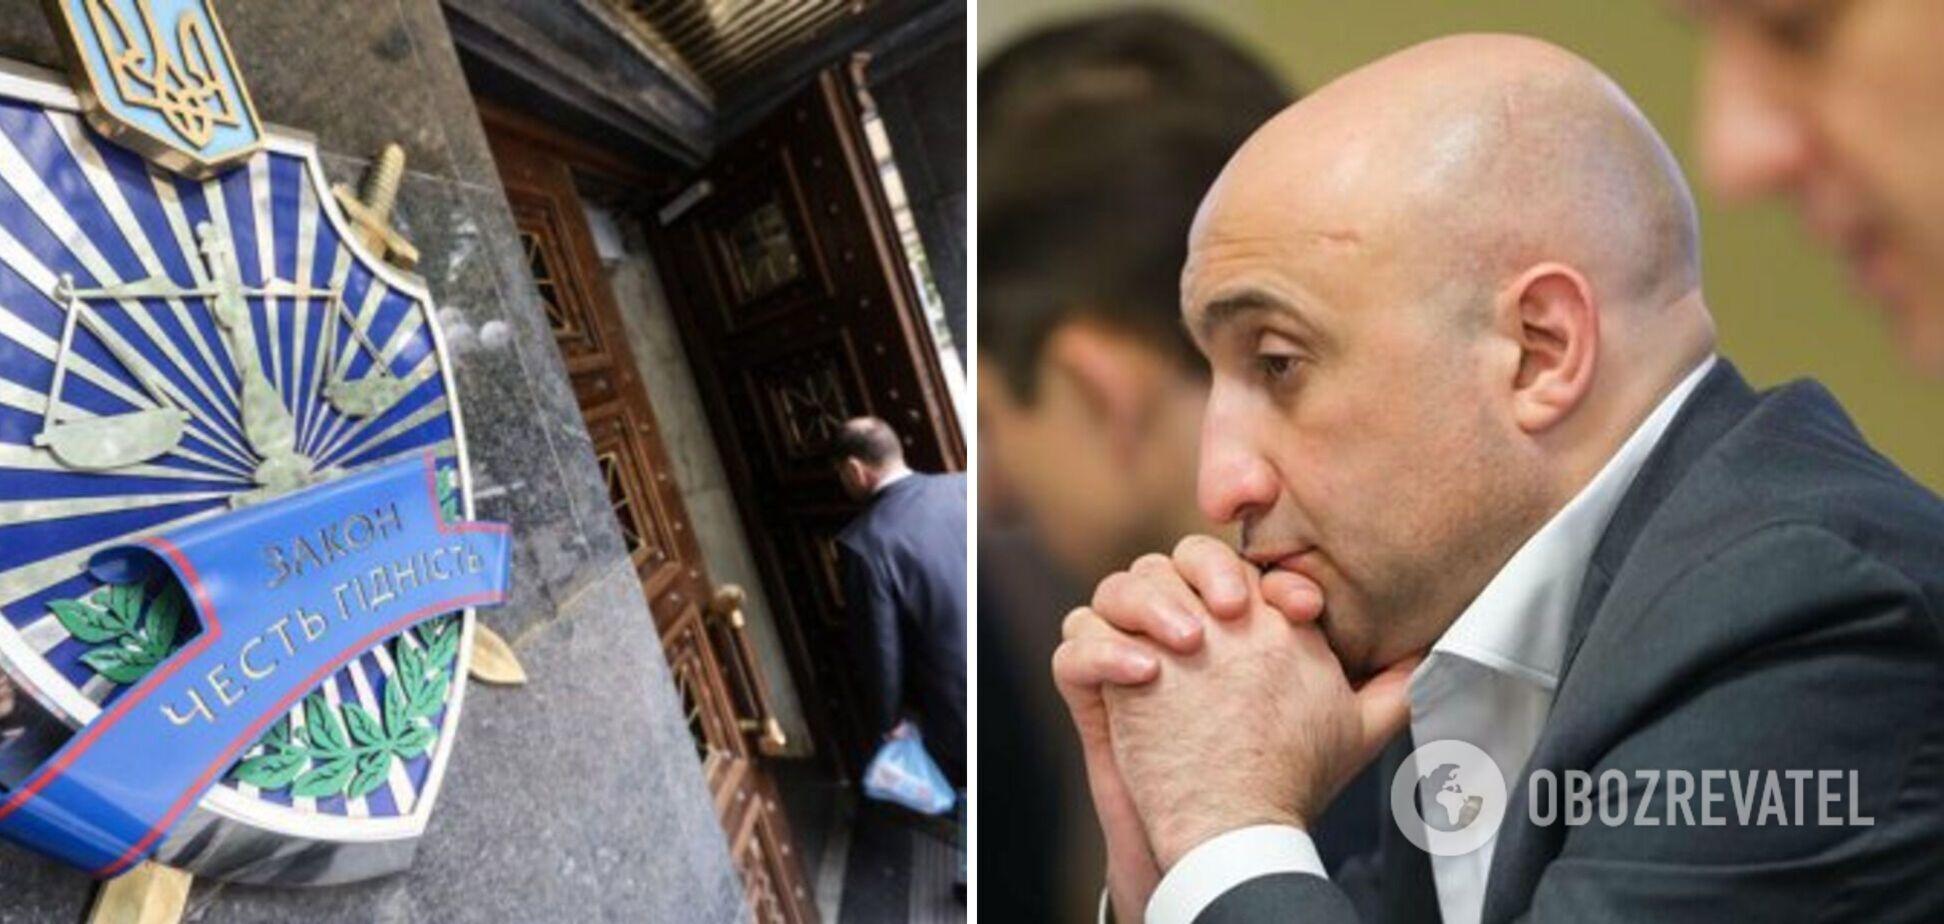 Проти заступника генпрокурора Мамедова відкрили дисциплінарне провадження